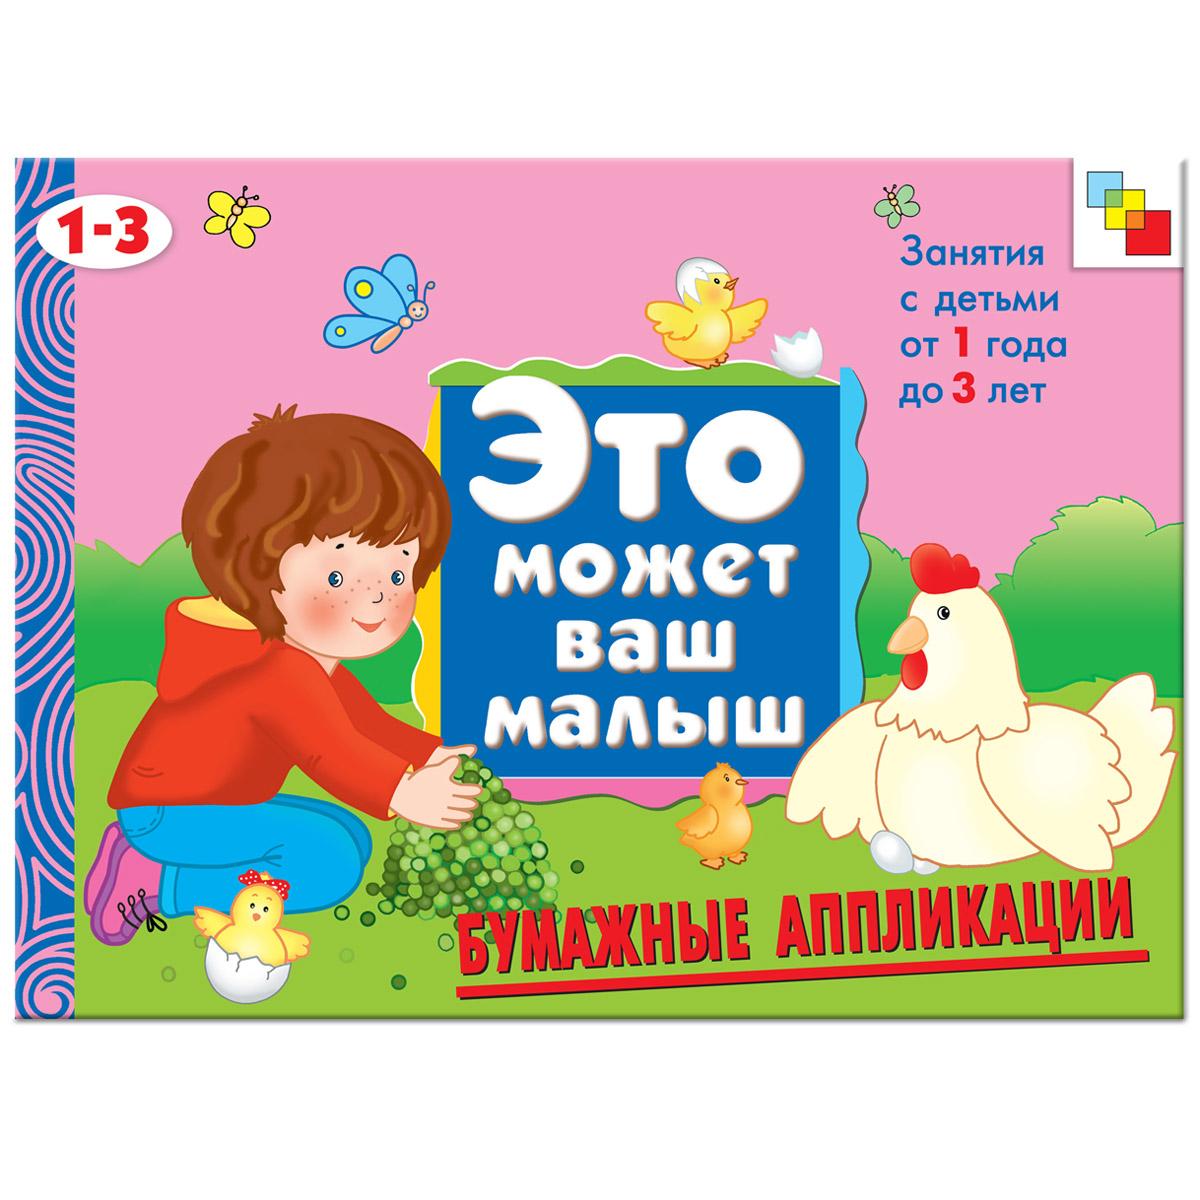 Художественный альбом для занятий с детьми 1-3 лет. Это может ваш малыш Бумажные аппликации<br>